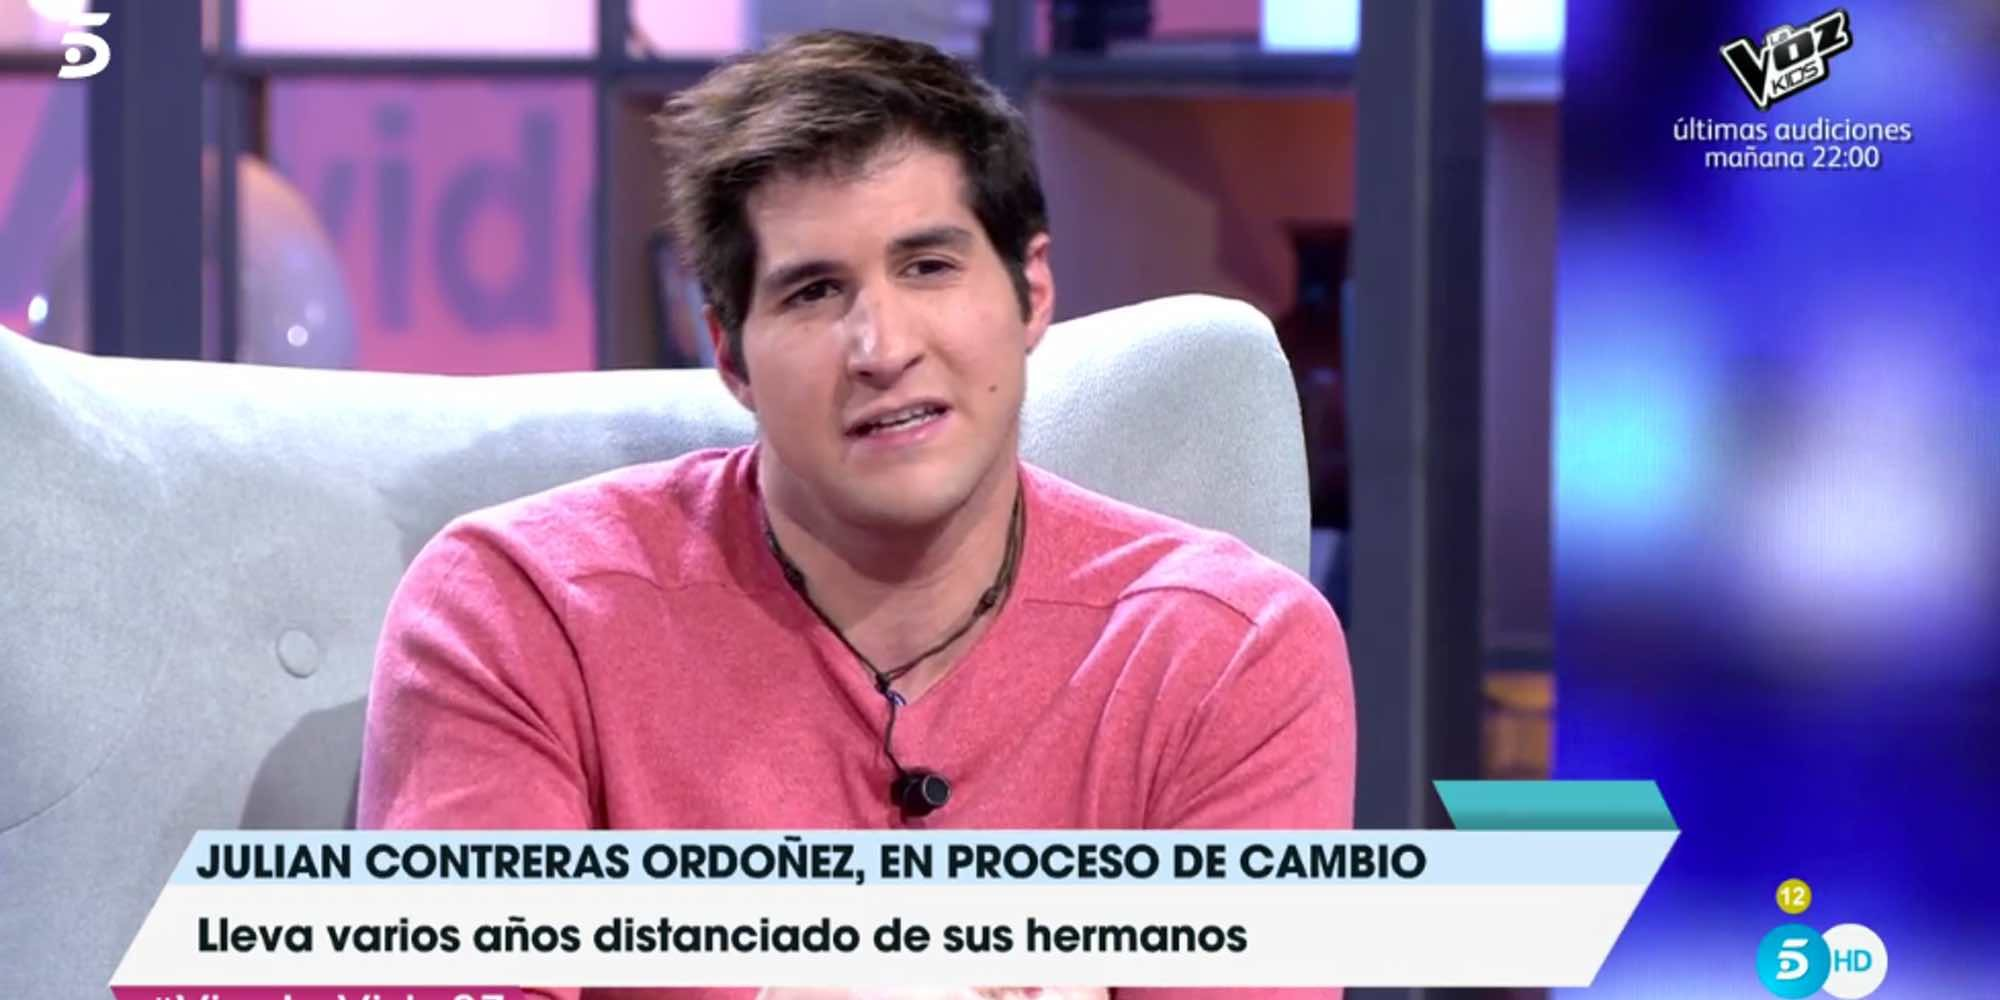 El rapapolvo de Toñi Moreno a Julián Contreras Jr. por no tratar de llamar a sus hermanos para reconciliarse